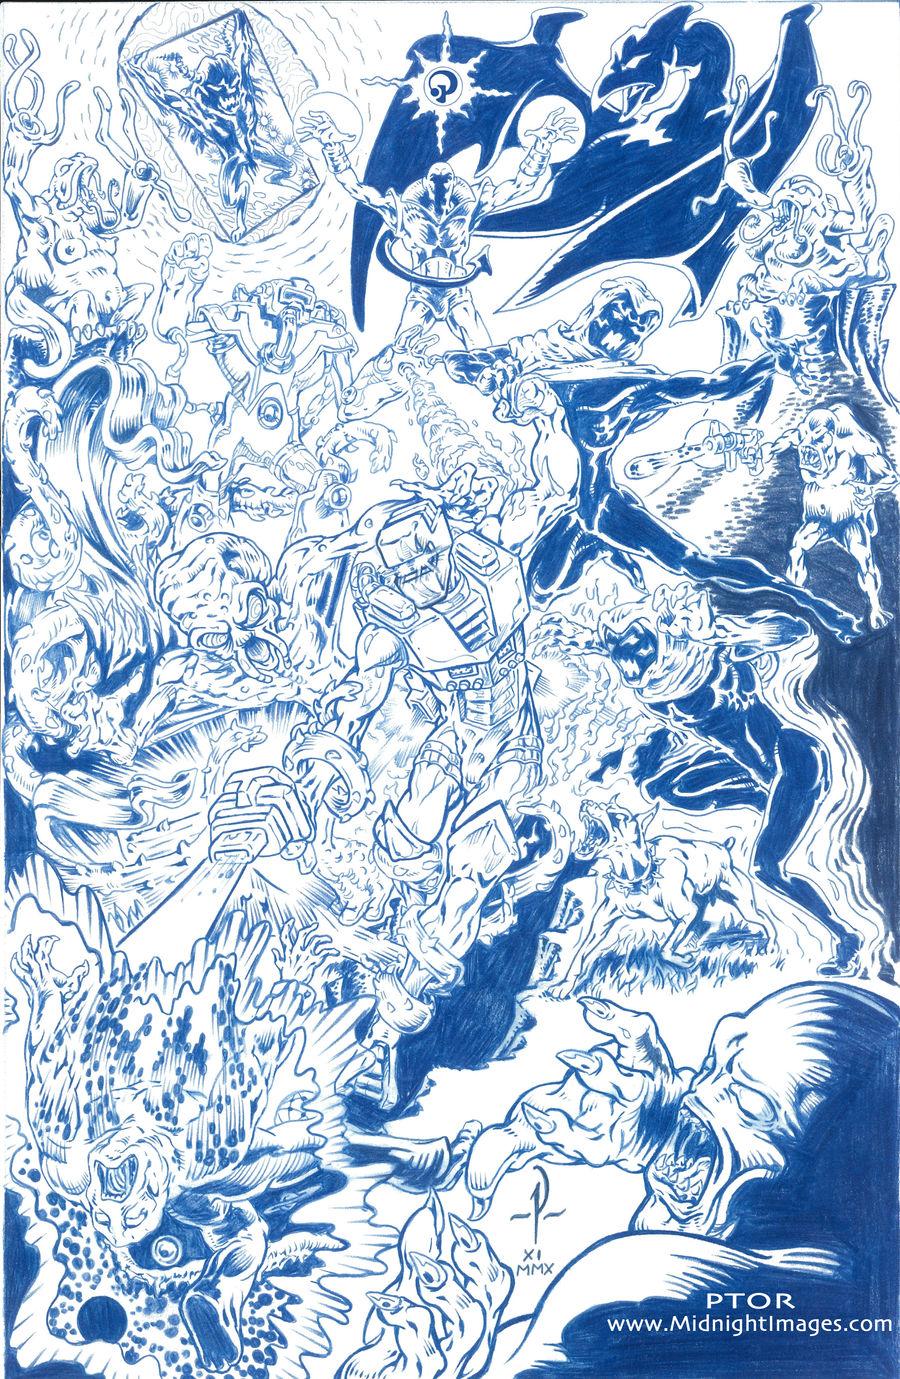 ROM SPACEKNIGHT - blueline art